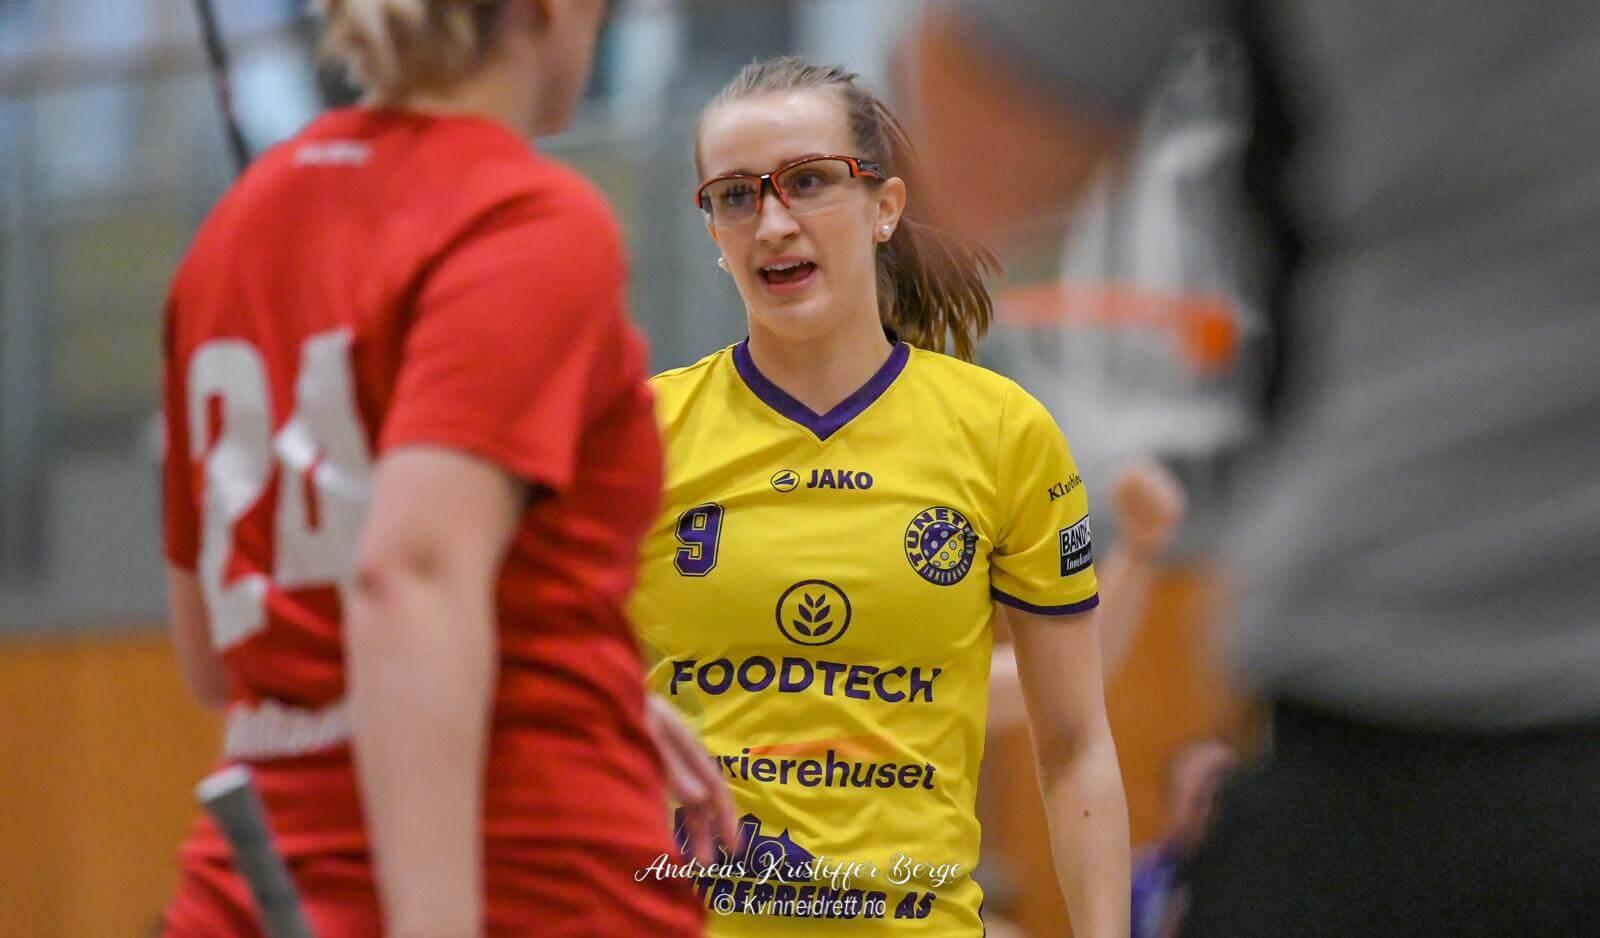 Emma Fagerhøi var kampens gigant med fem scoringer og to assist. Foto: Andreas Kristoffer Berge